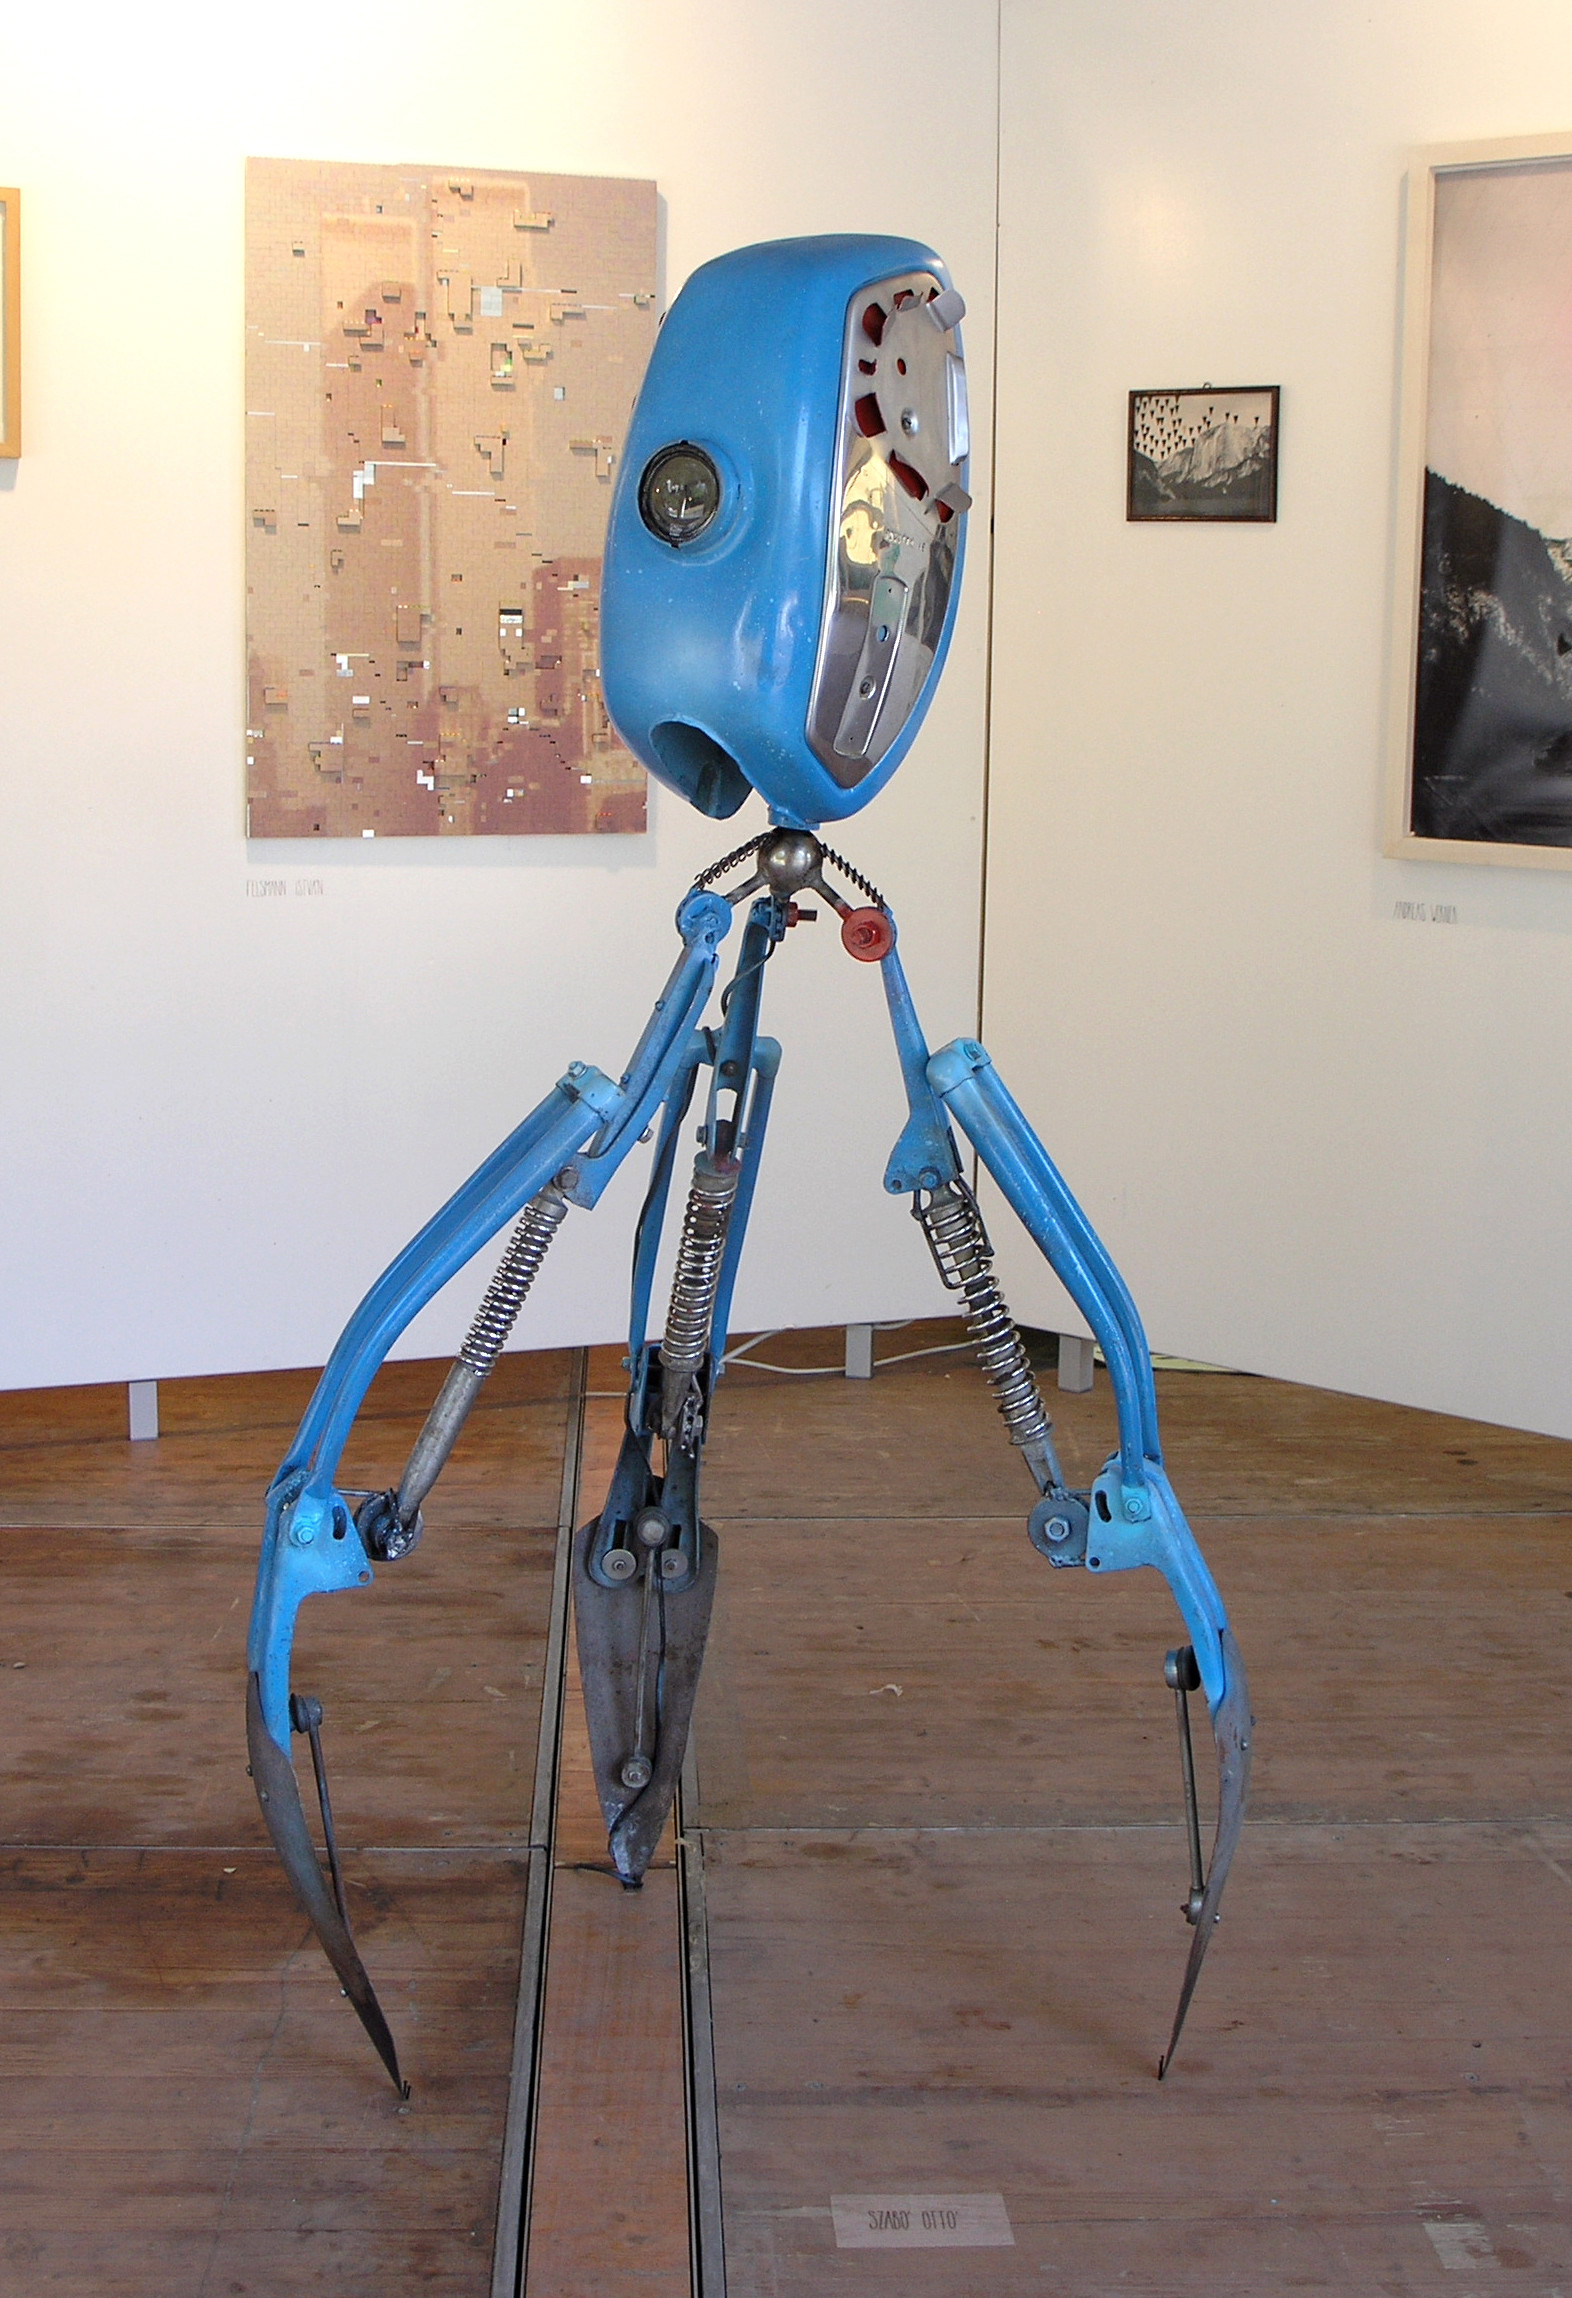 Workerbot